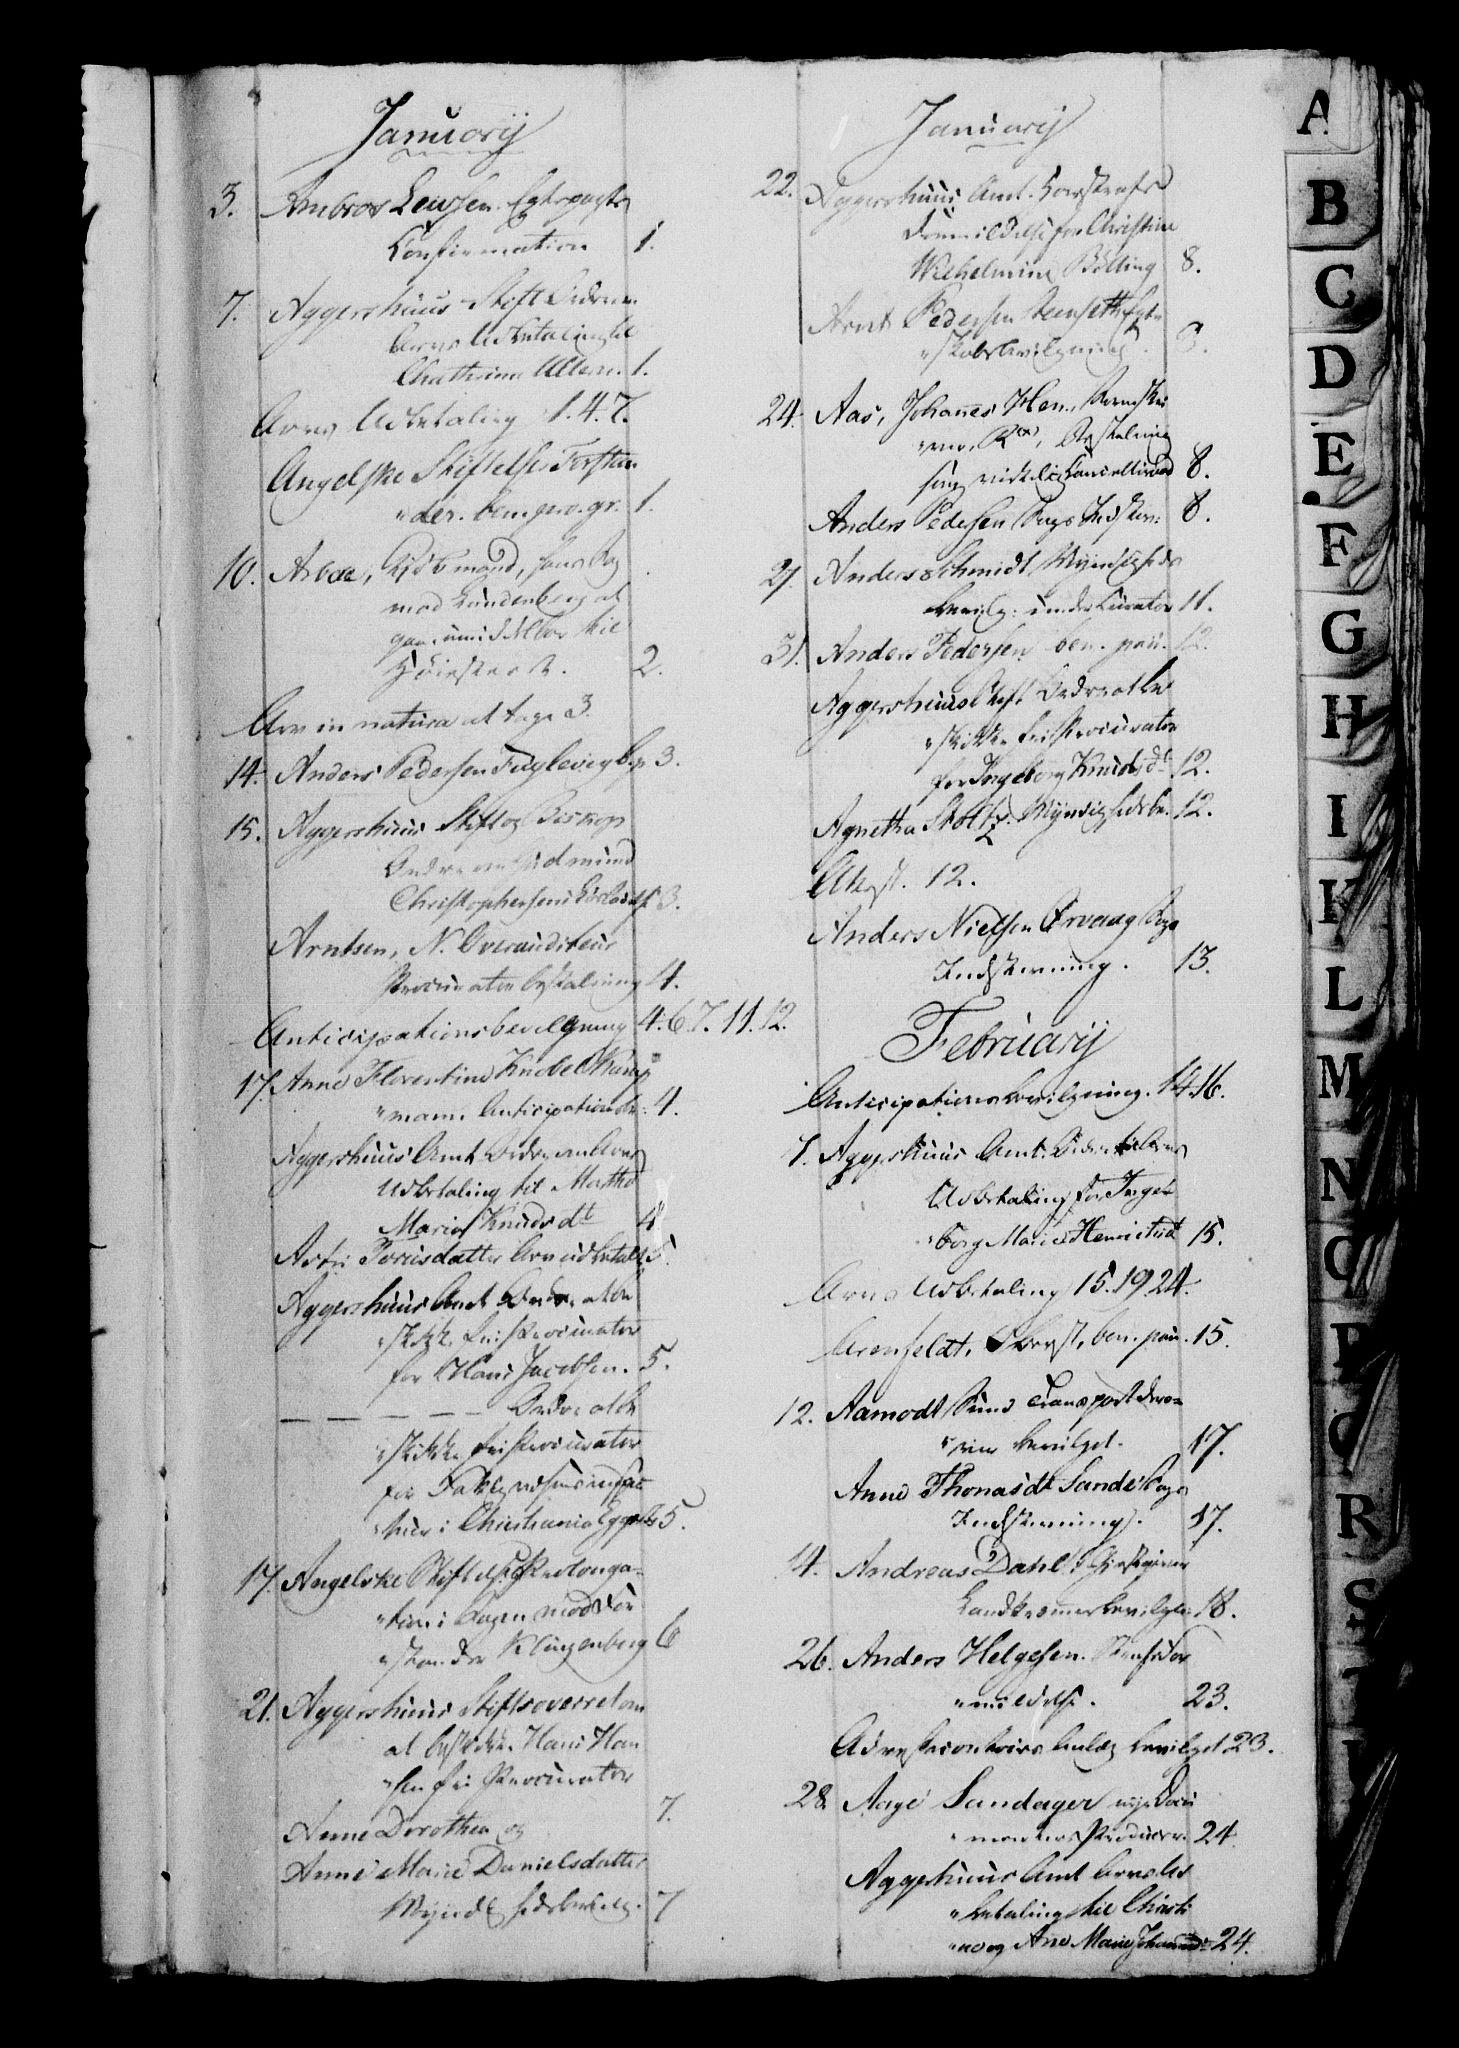 RA, Danske Kanselli 1800-1814, H/Hf/Hfb/Hfbc/L0013: Underskrivelsesbok m. register, 1812